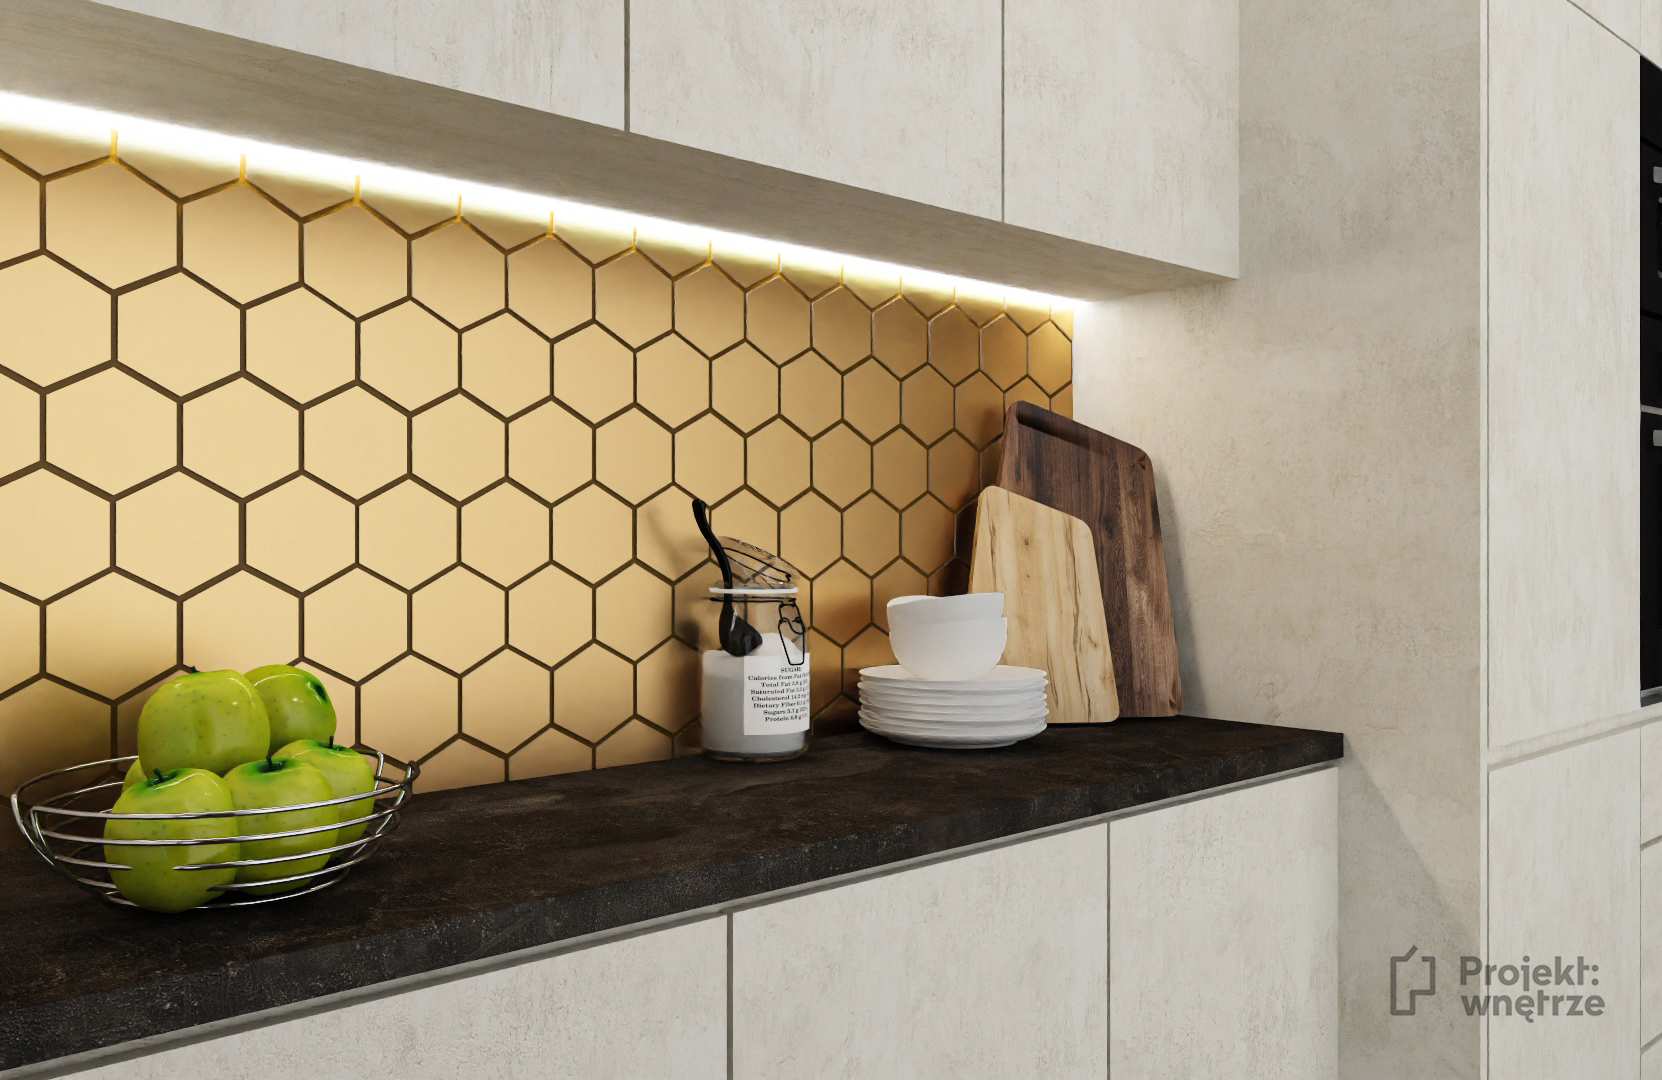 złote płytki heksagon w kuchni meble imitacja betonu czarny blat podłoga - projekt kuchni loft - PROJEKT WNĘTRZE www.projektwnetrze.com.pl